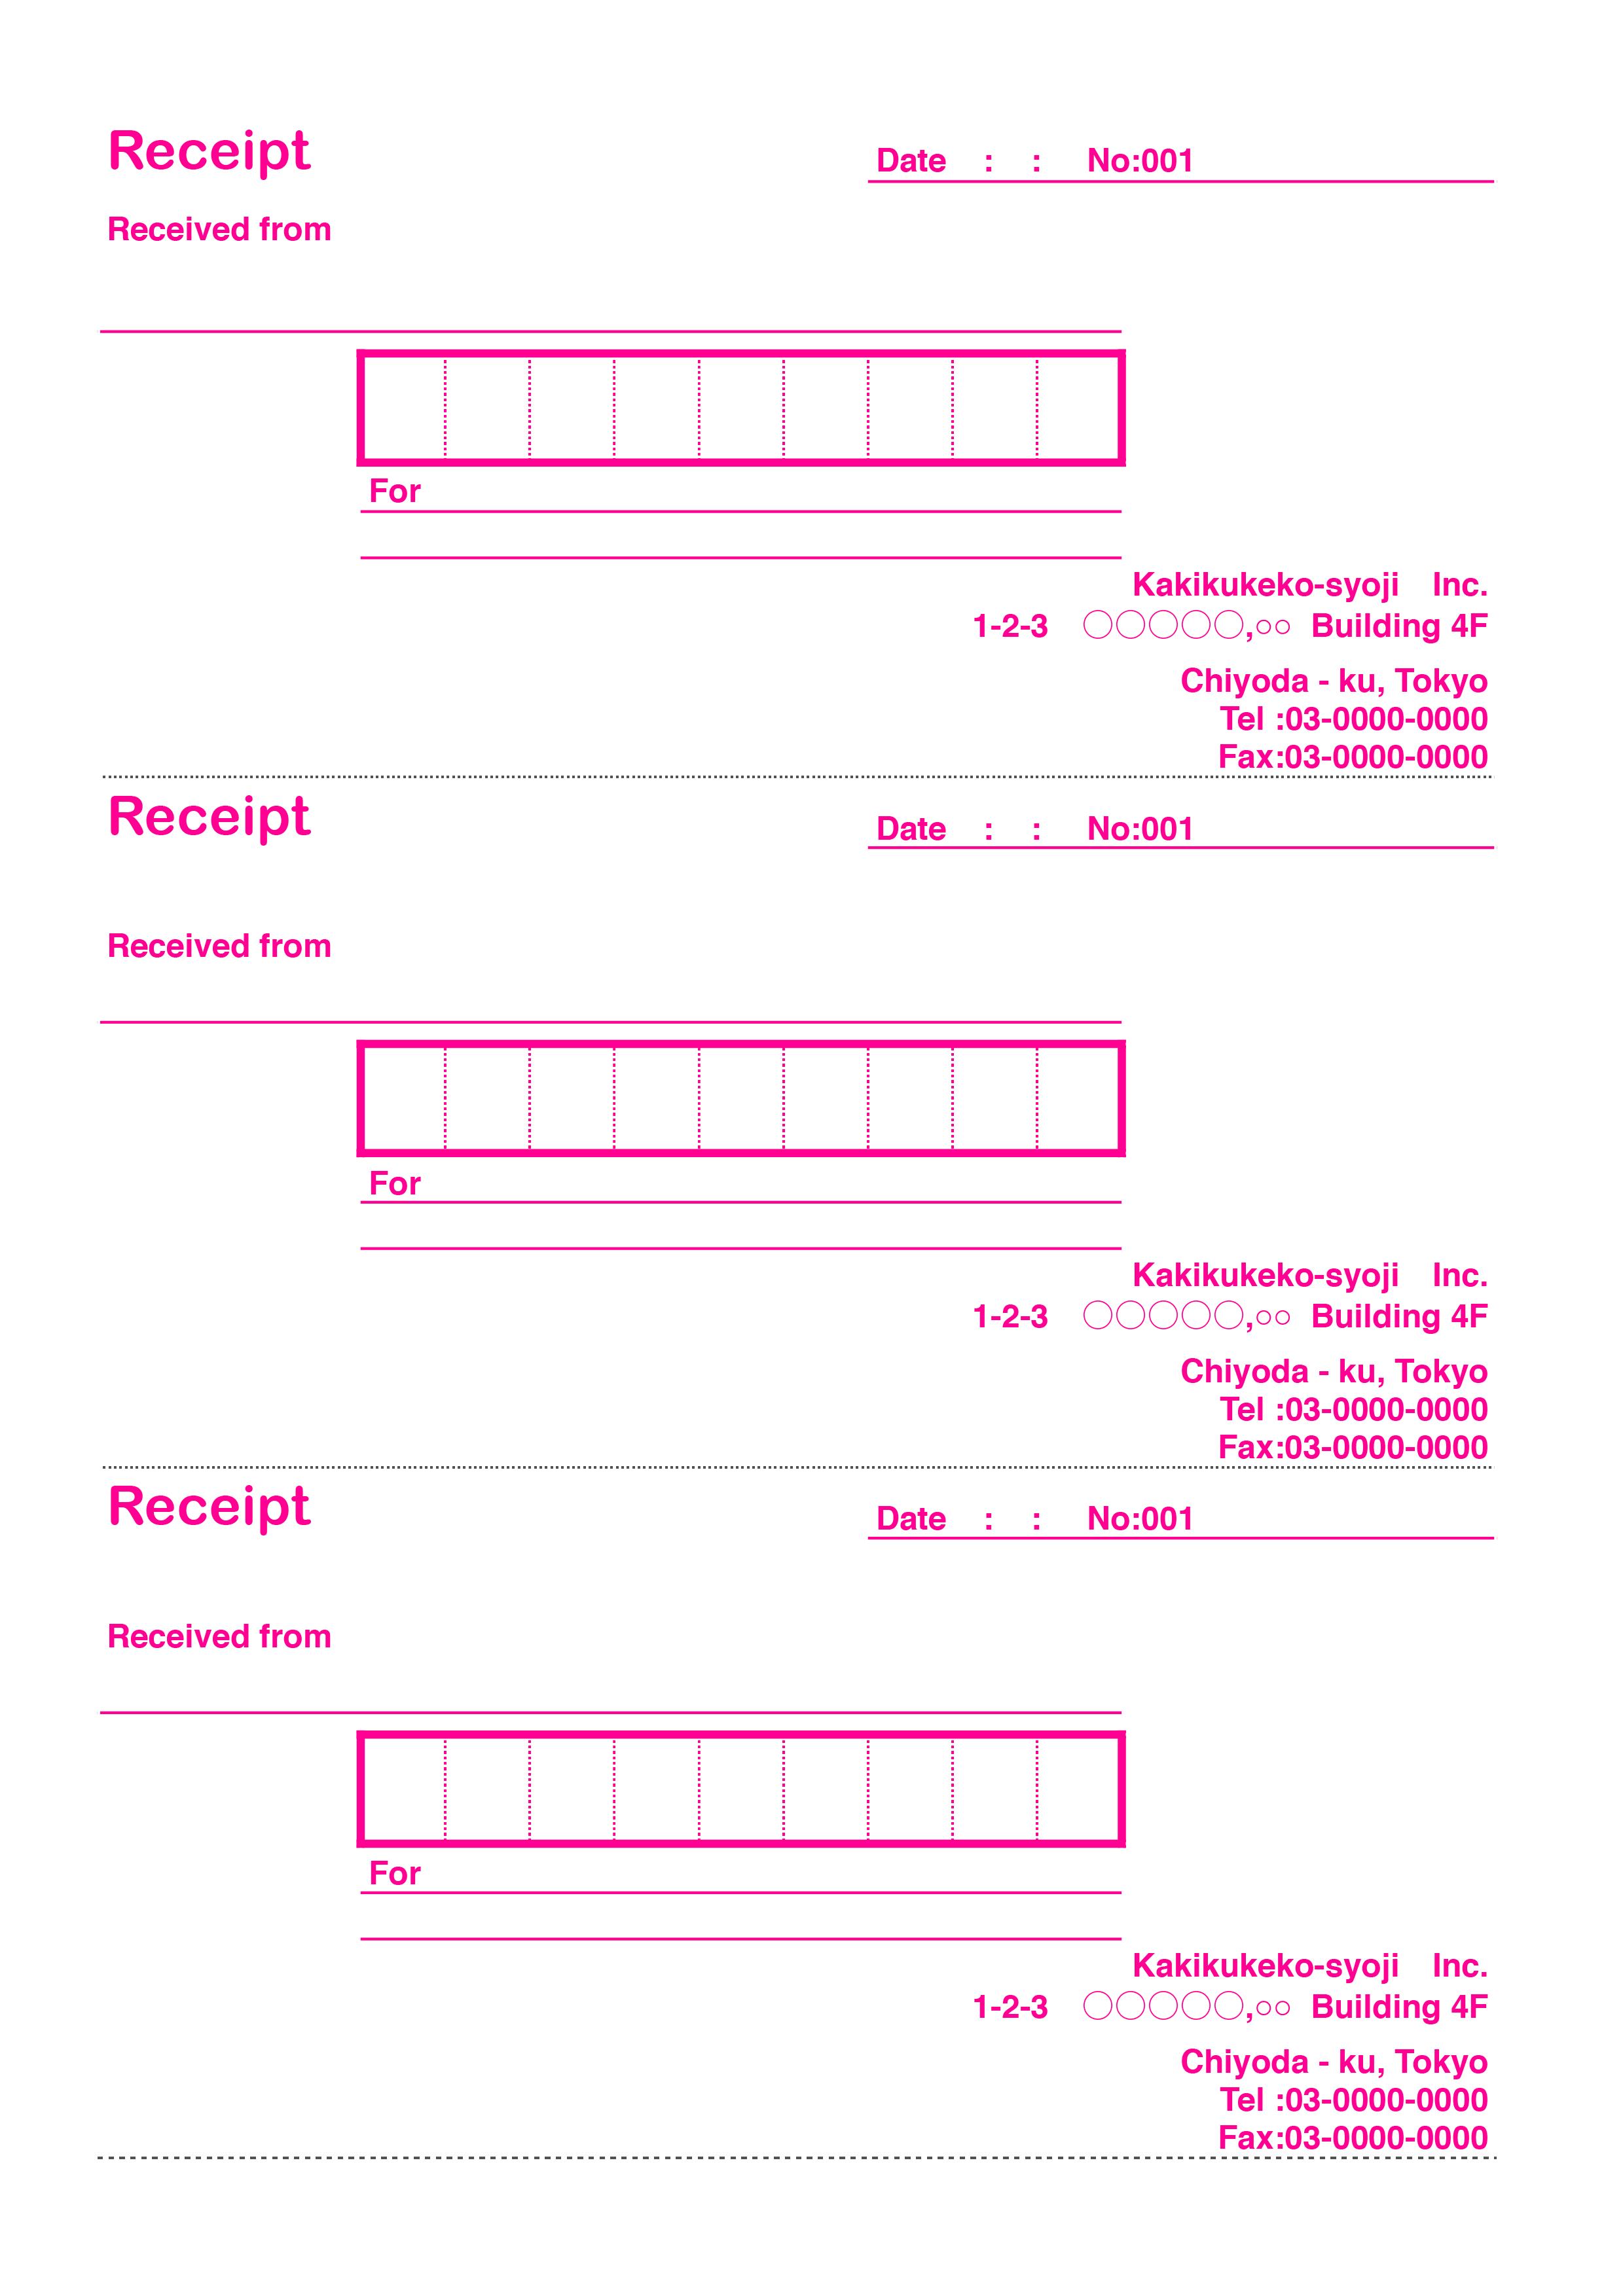 おしゃれな英字の領収書(Receipt)テンプレート(エクセル・ナンバーズ)3枚つづり ピンク